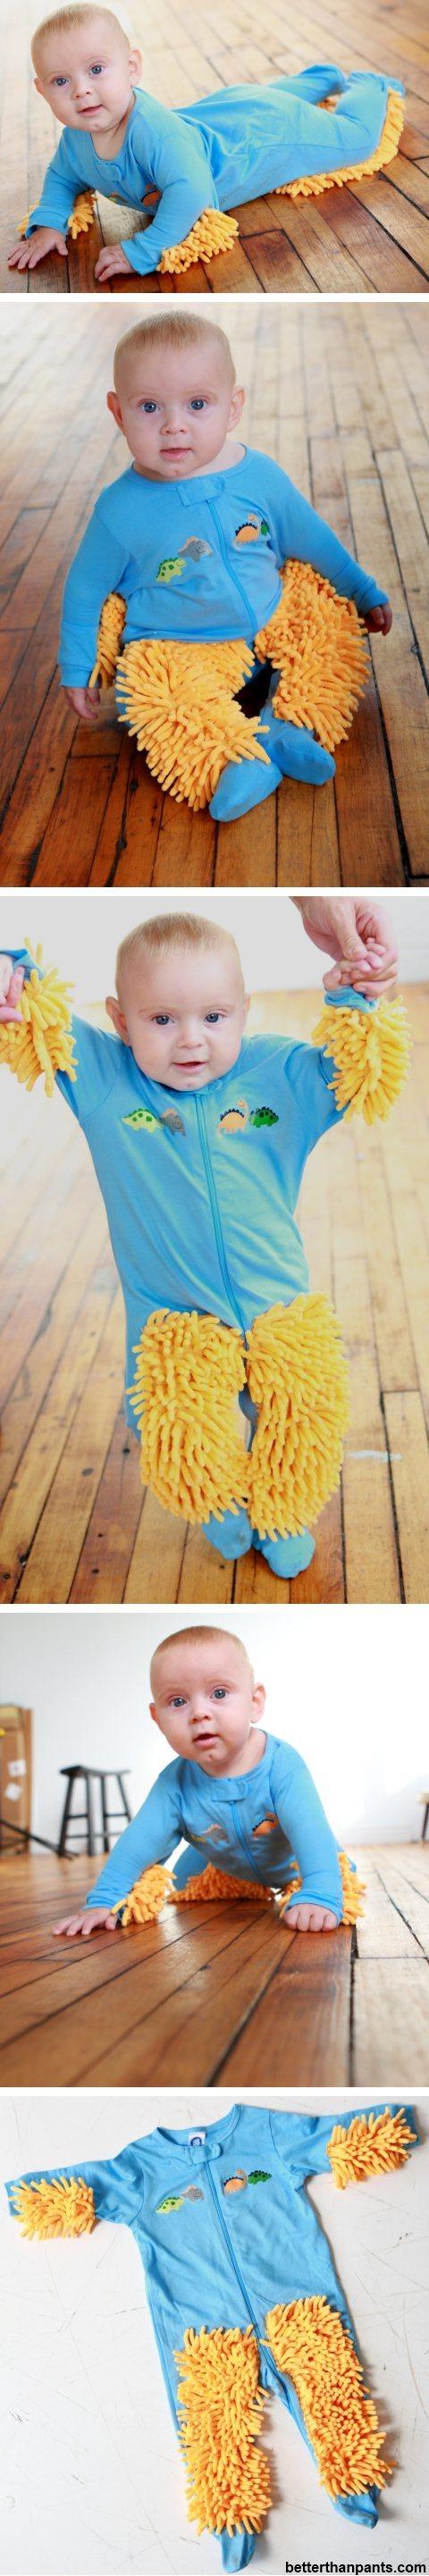 baby-mop.jpg